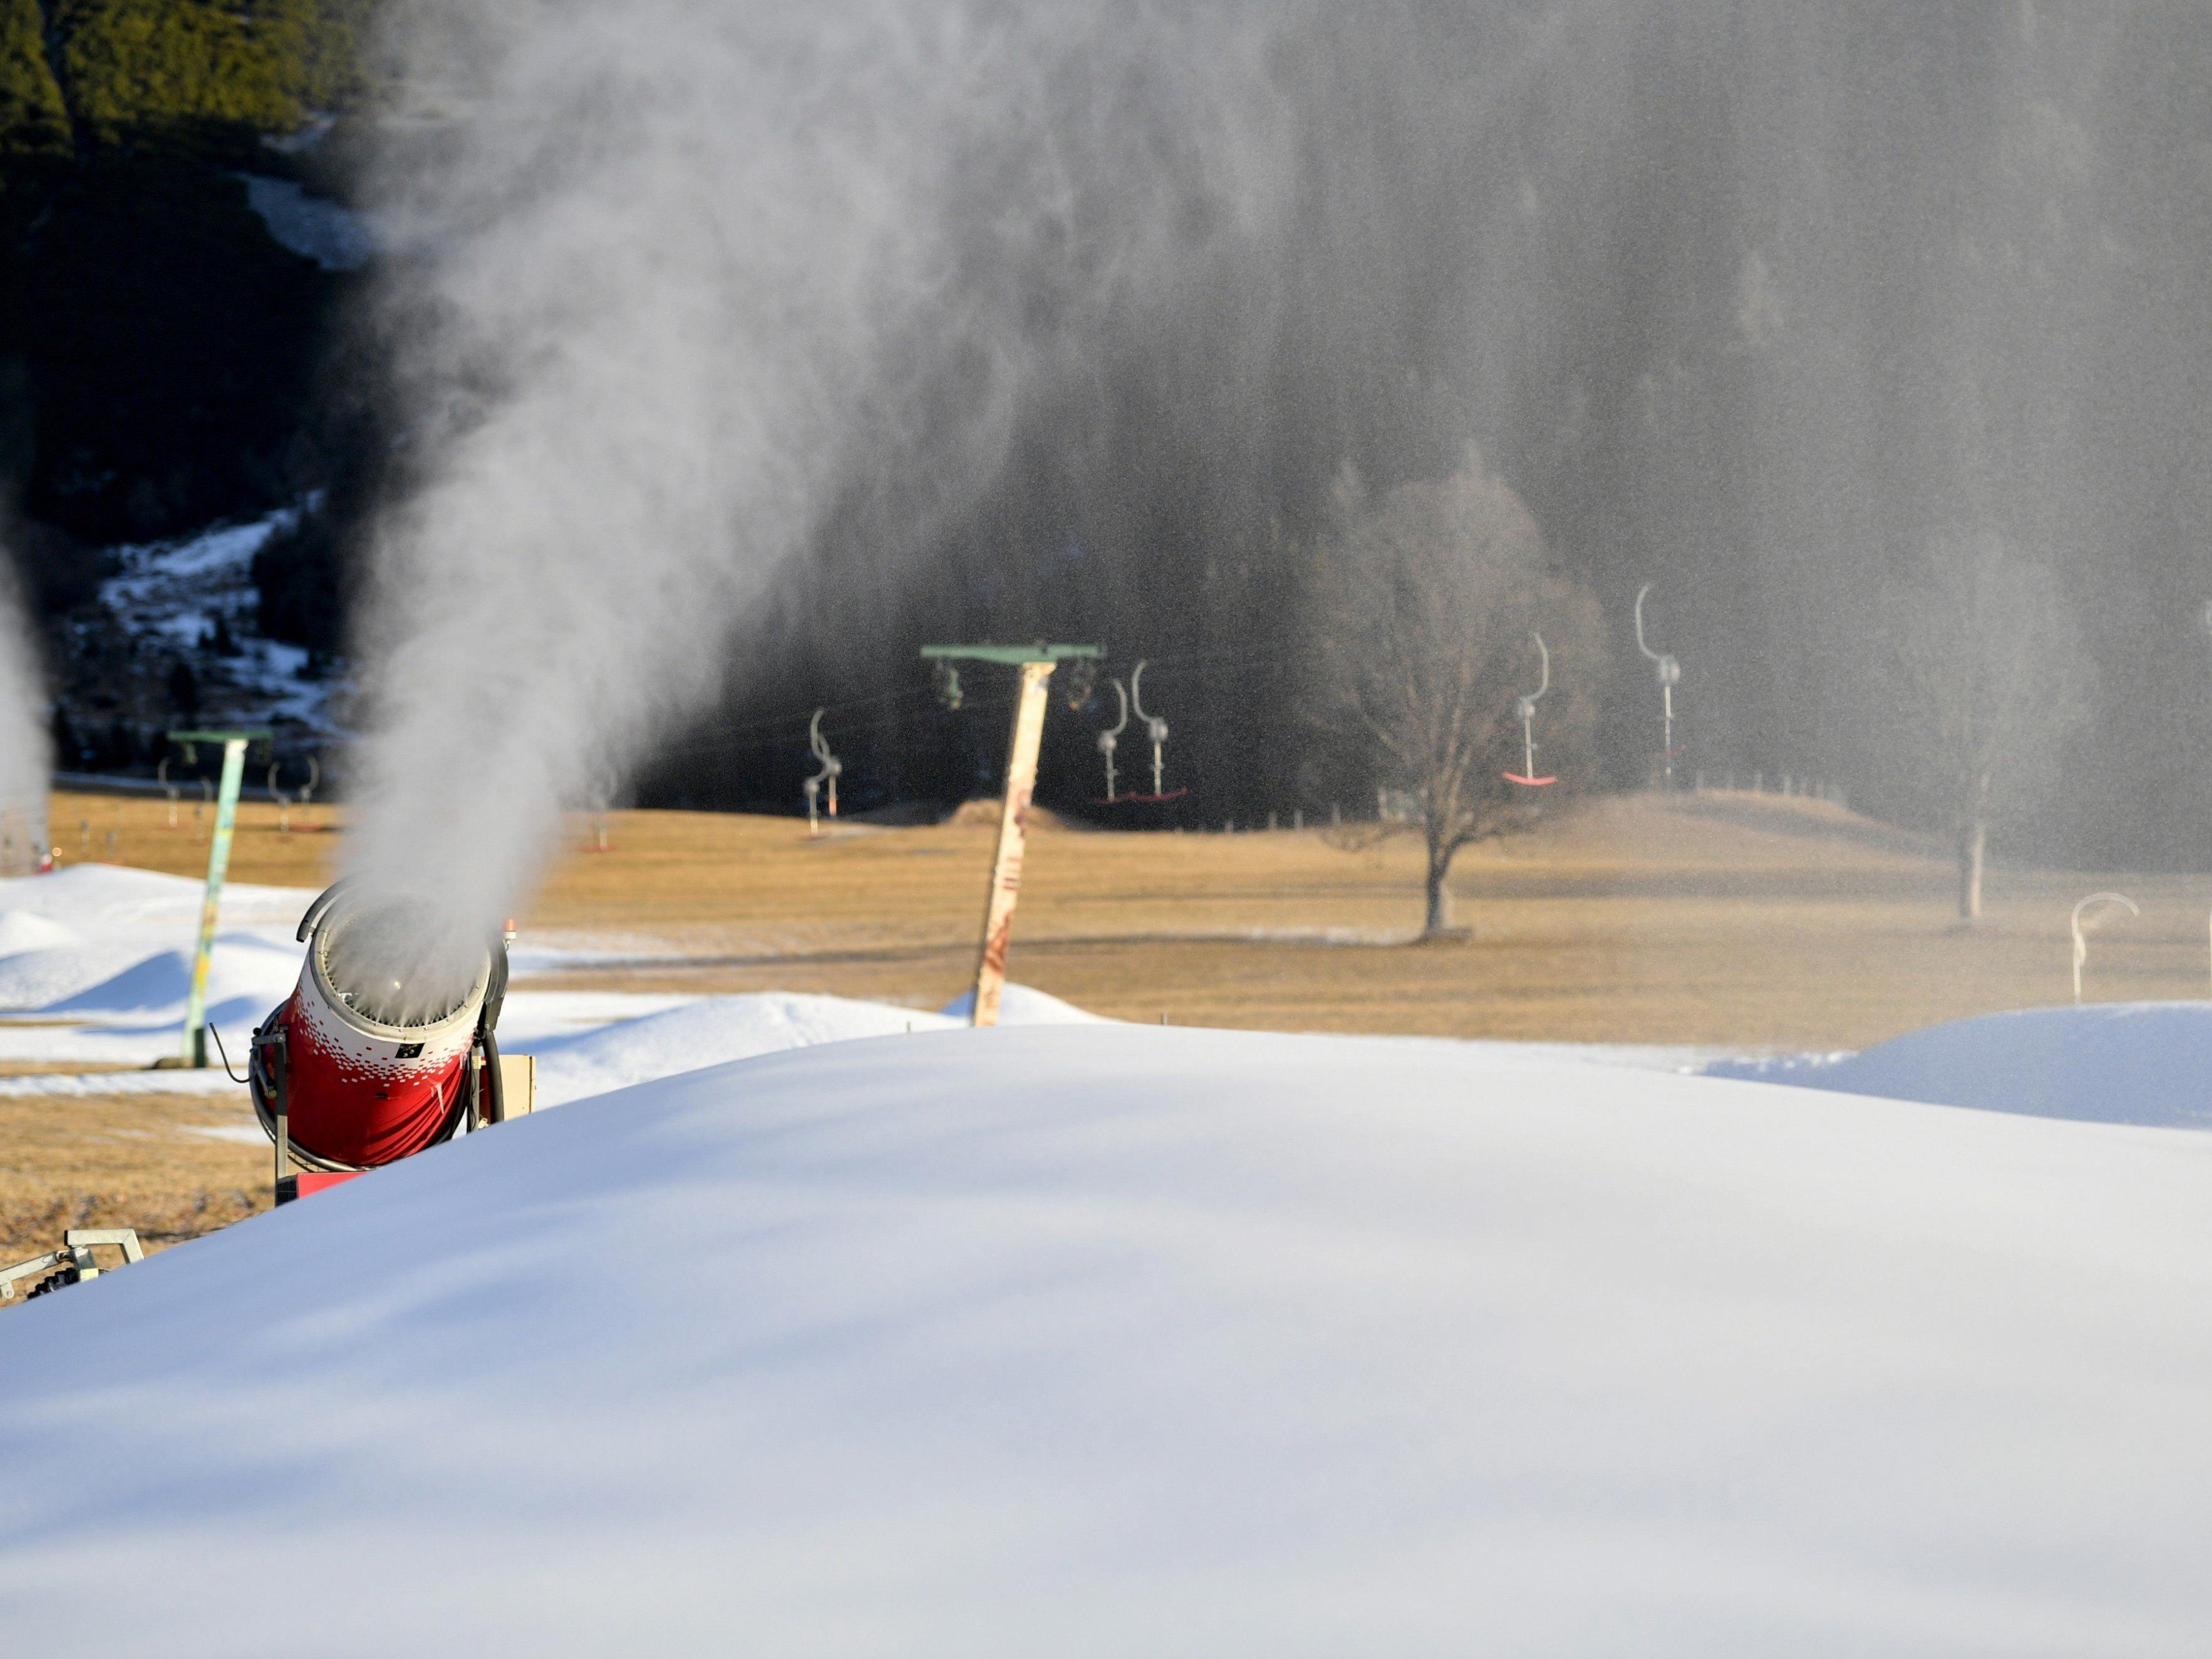 Immer öfter kommen Schneekanonen zum Einsatz.